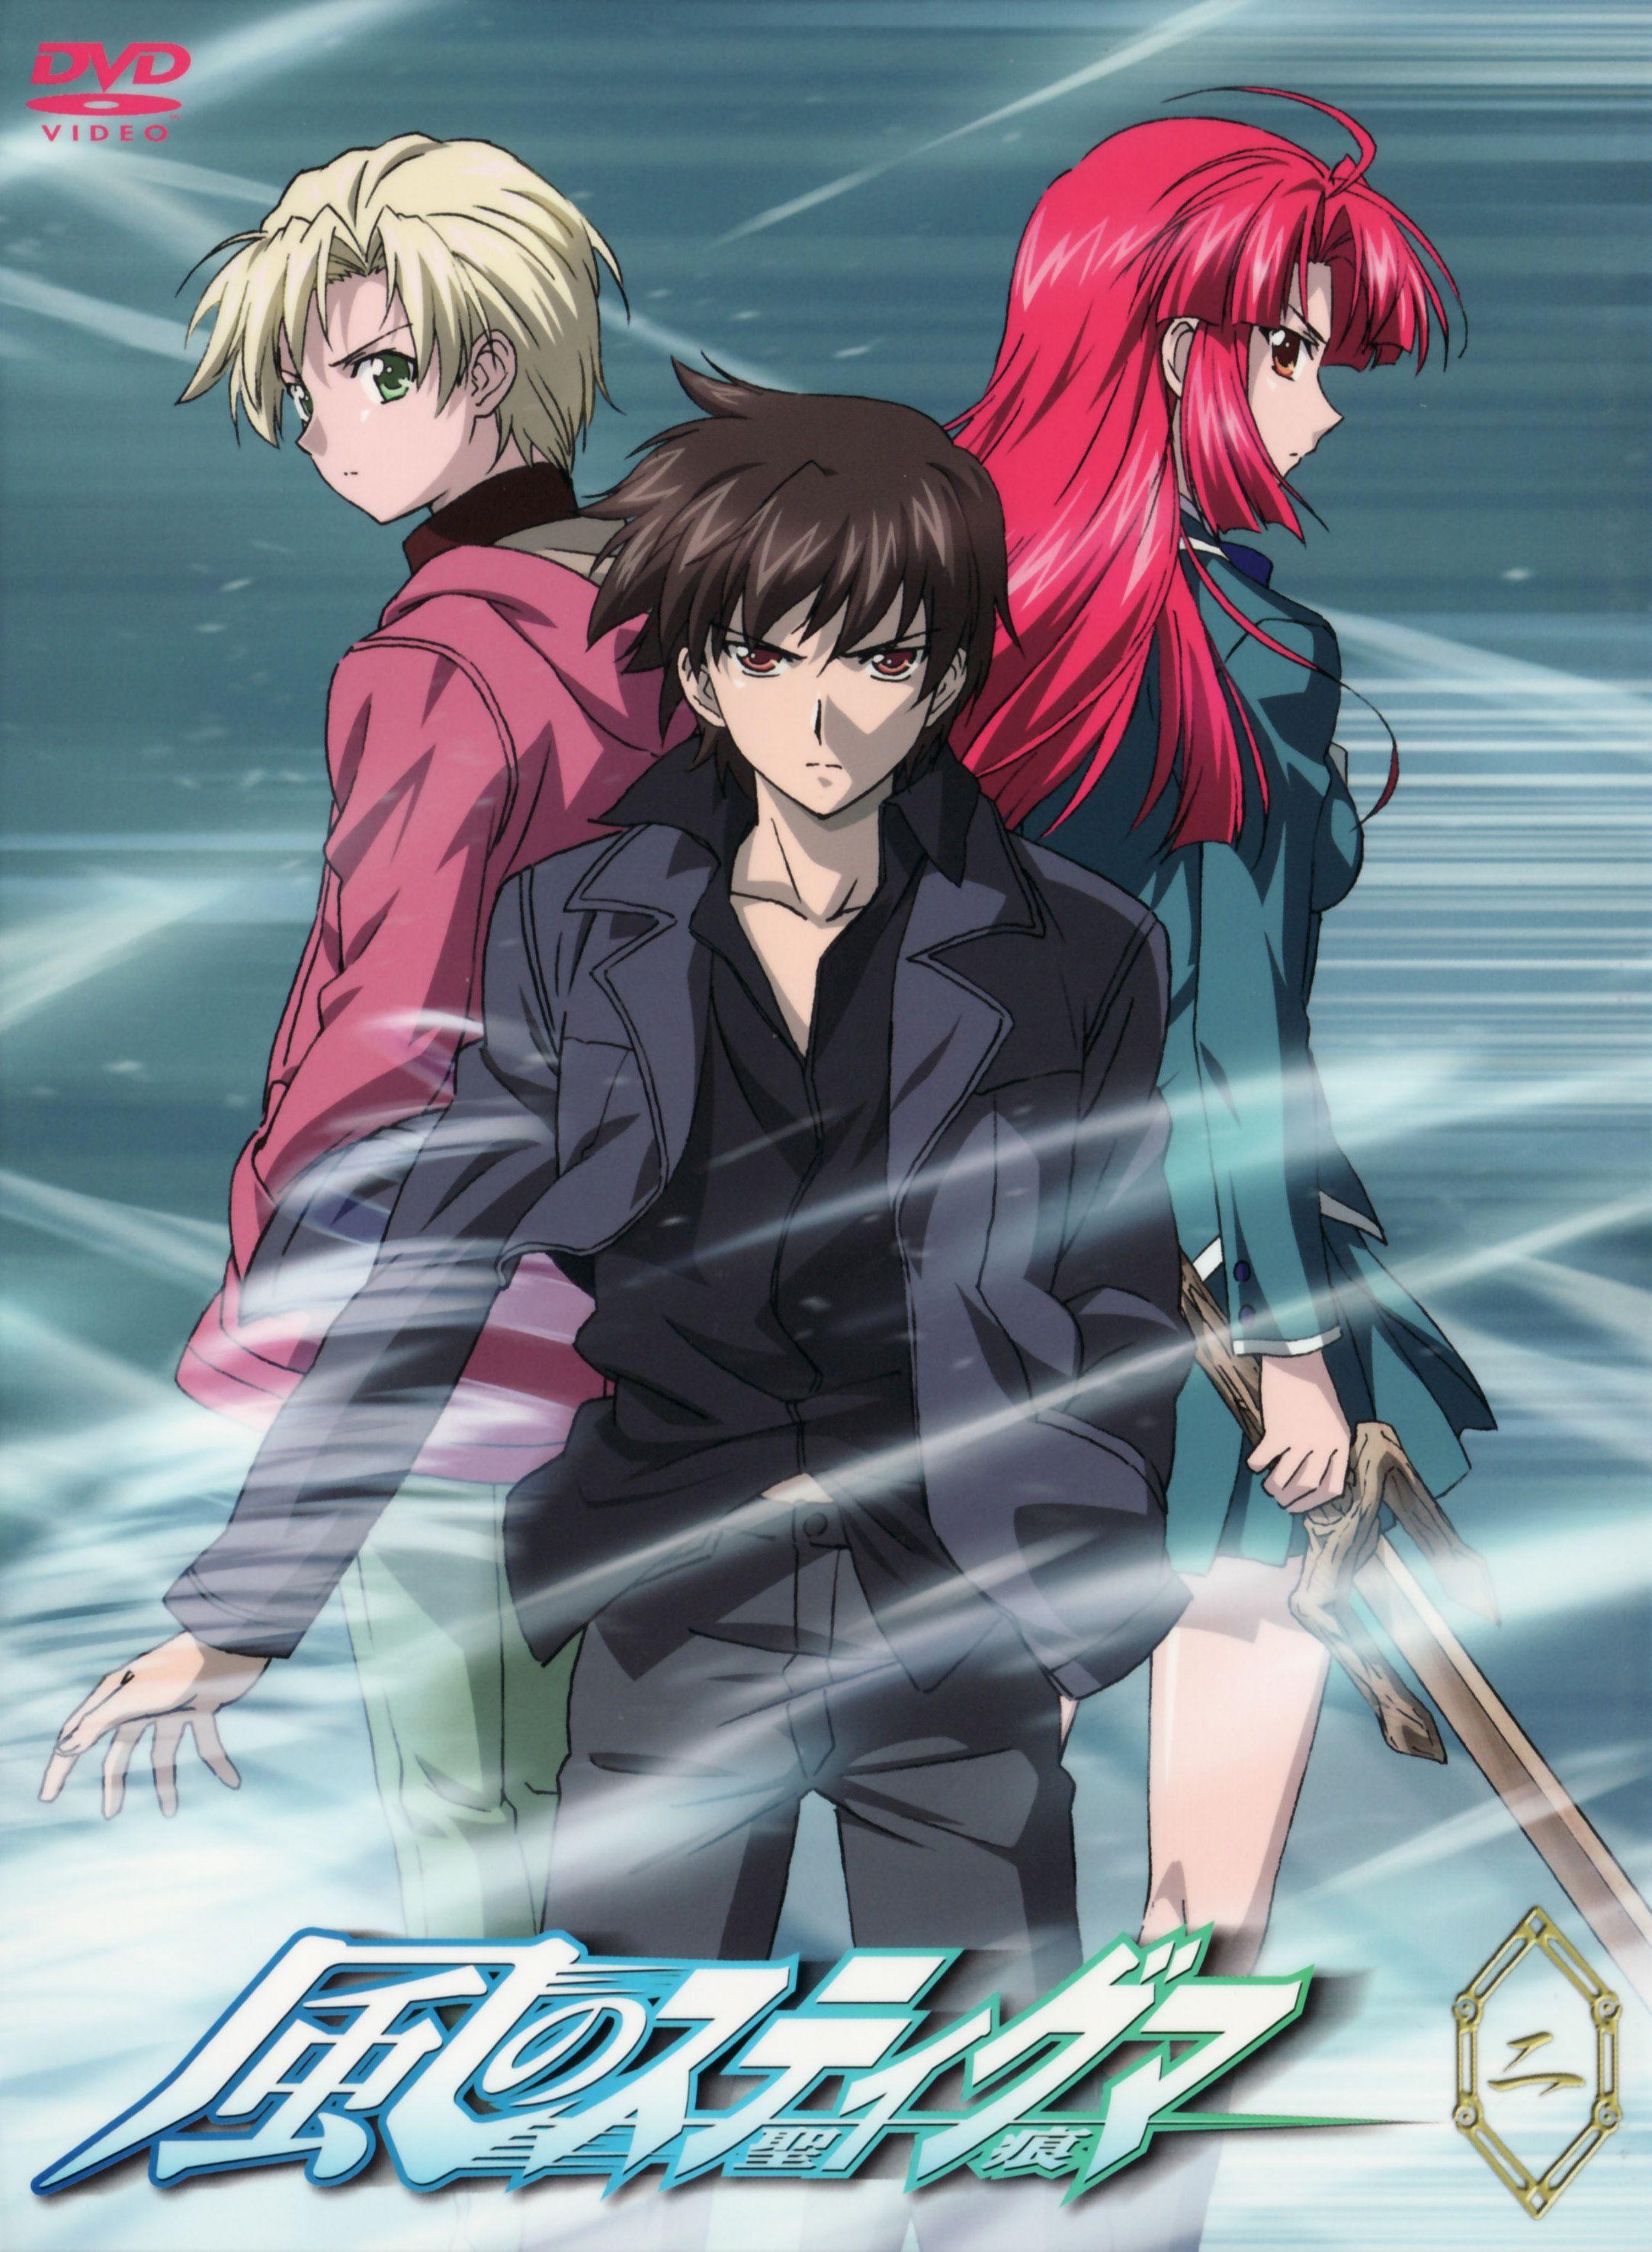 Kaze No Stigma Kaze No Stigma Anime Anime Shows